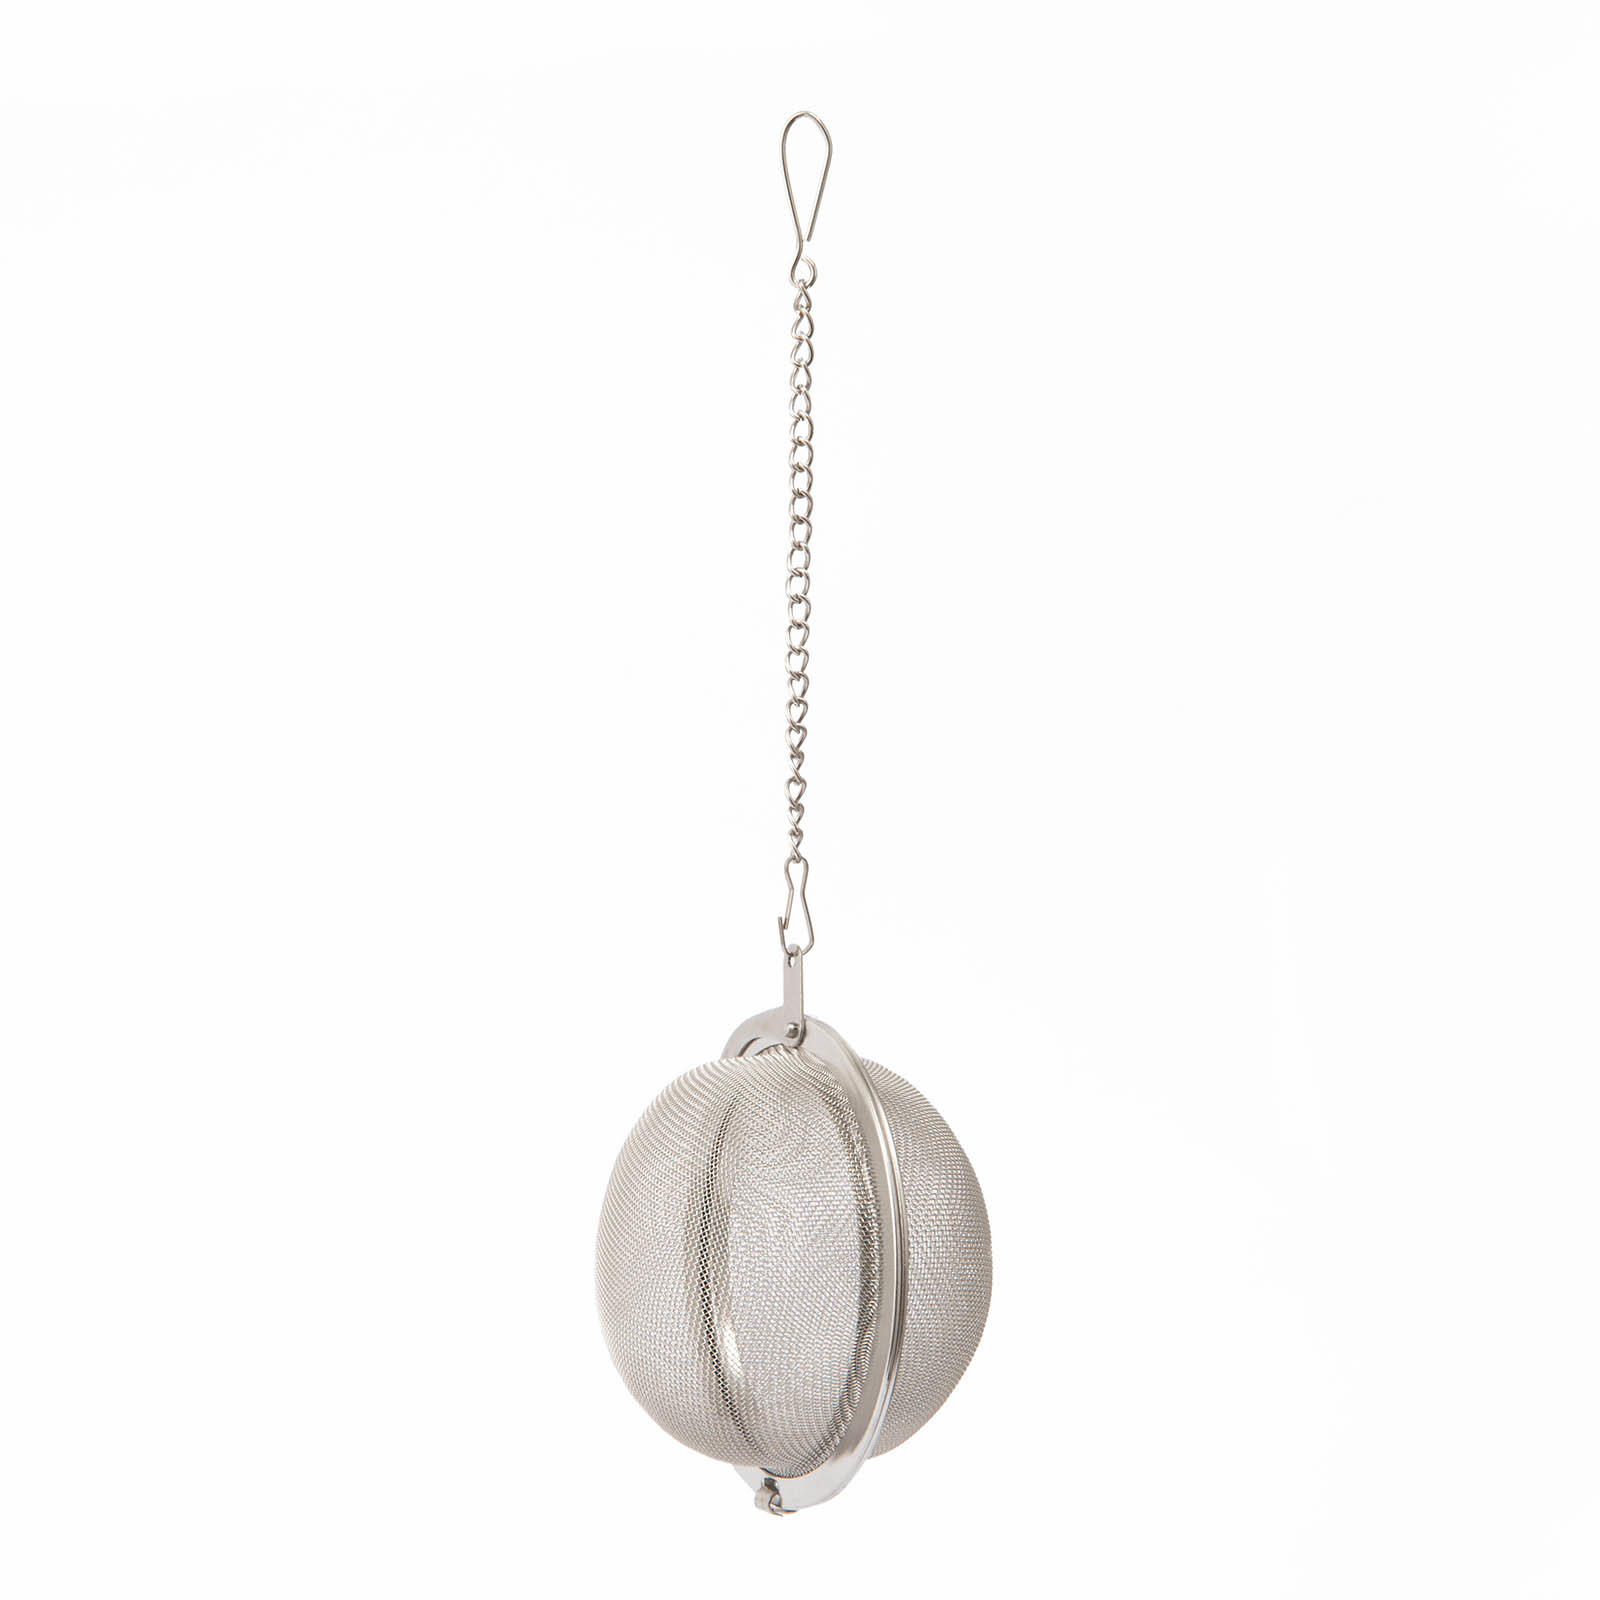 Infusore a sfera con catenella Diametro 6.5 - Articoli per il Tè